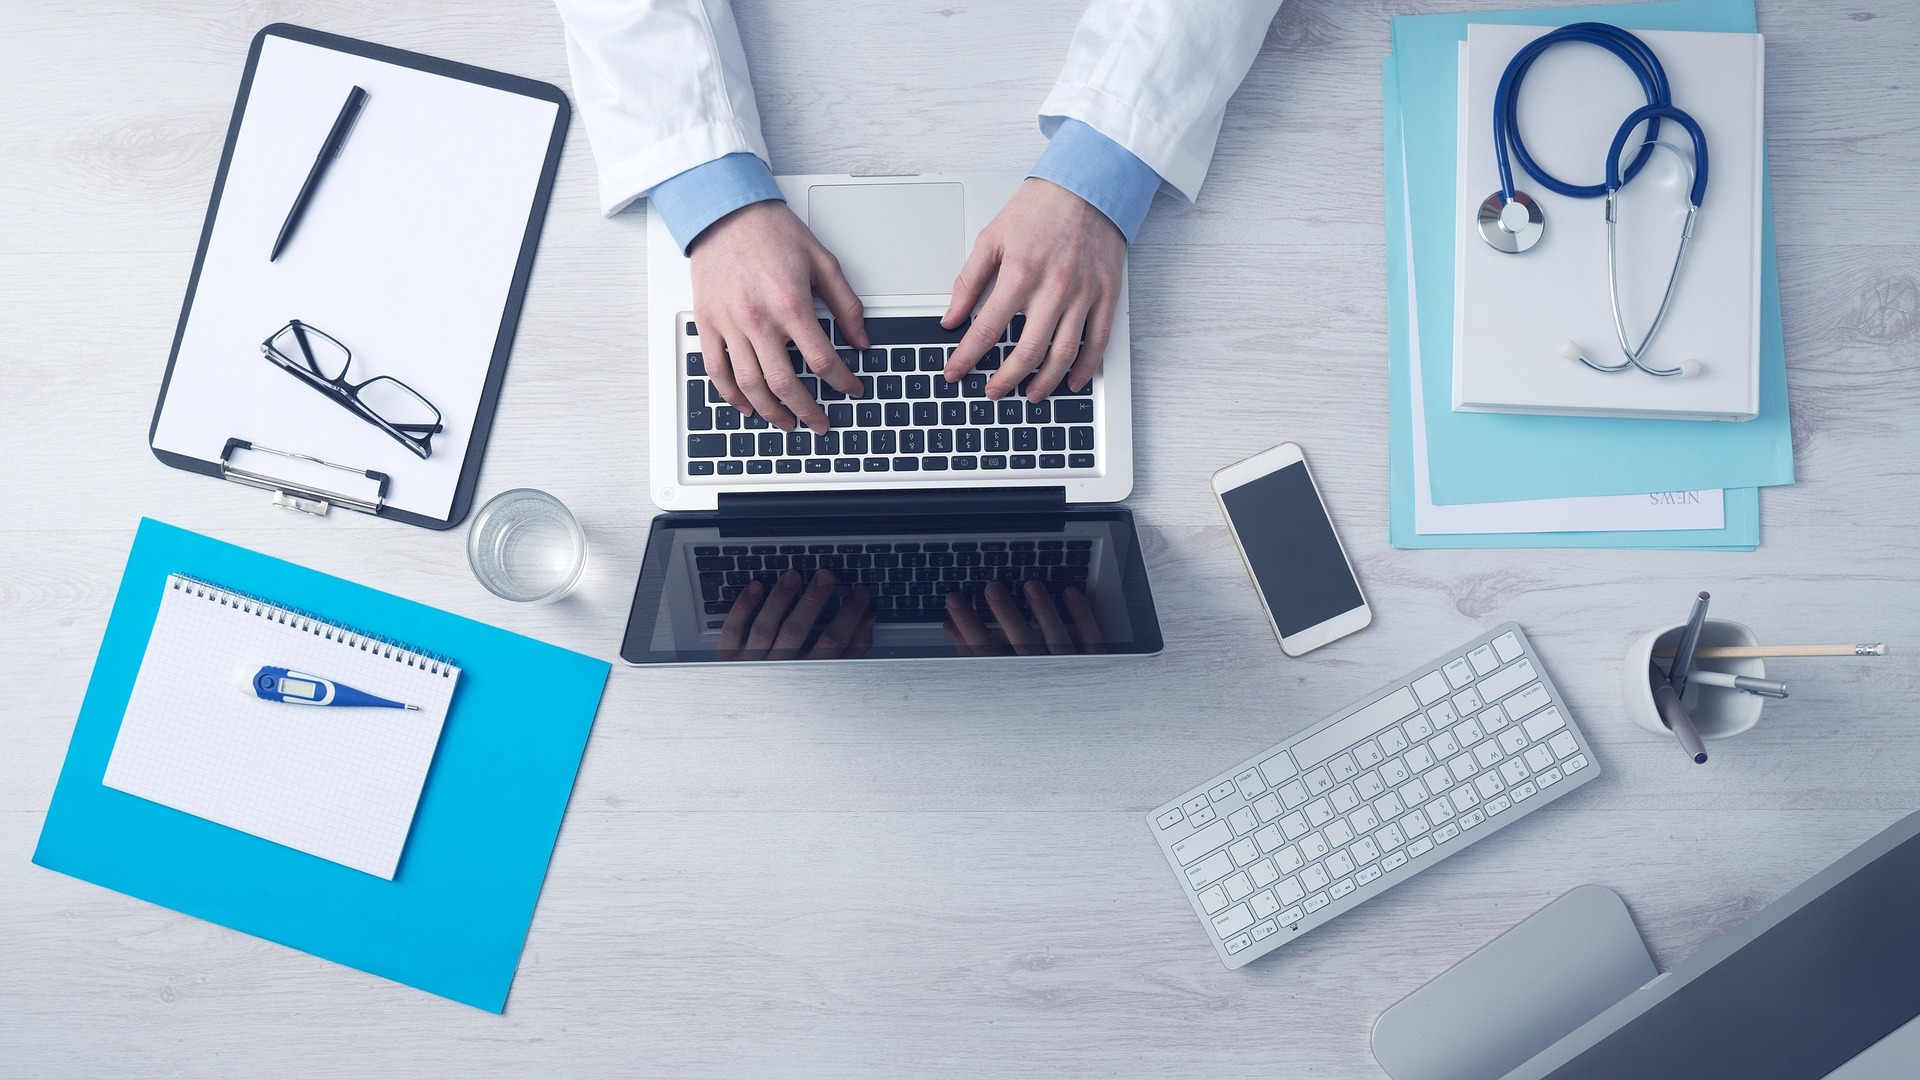 268 pessoas apresentaram queixa na Ordem dos Médicos em 2015